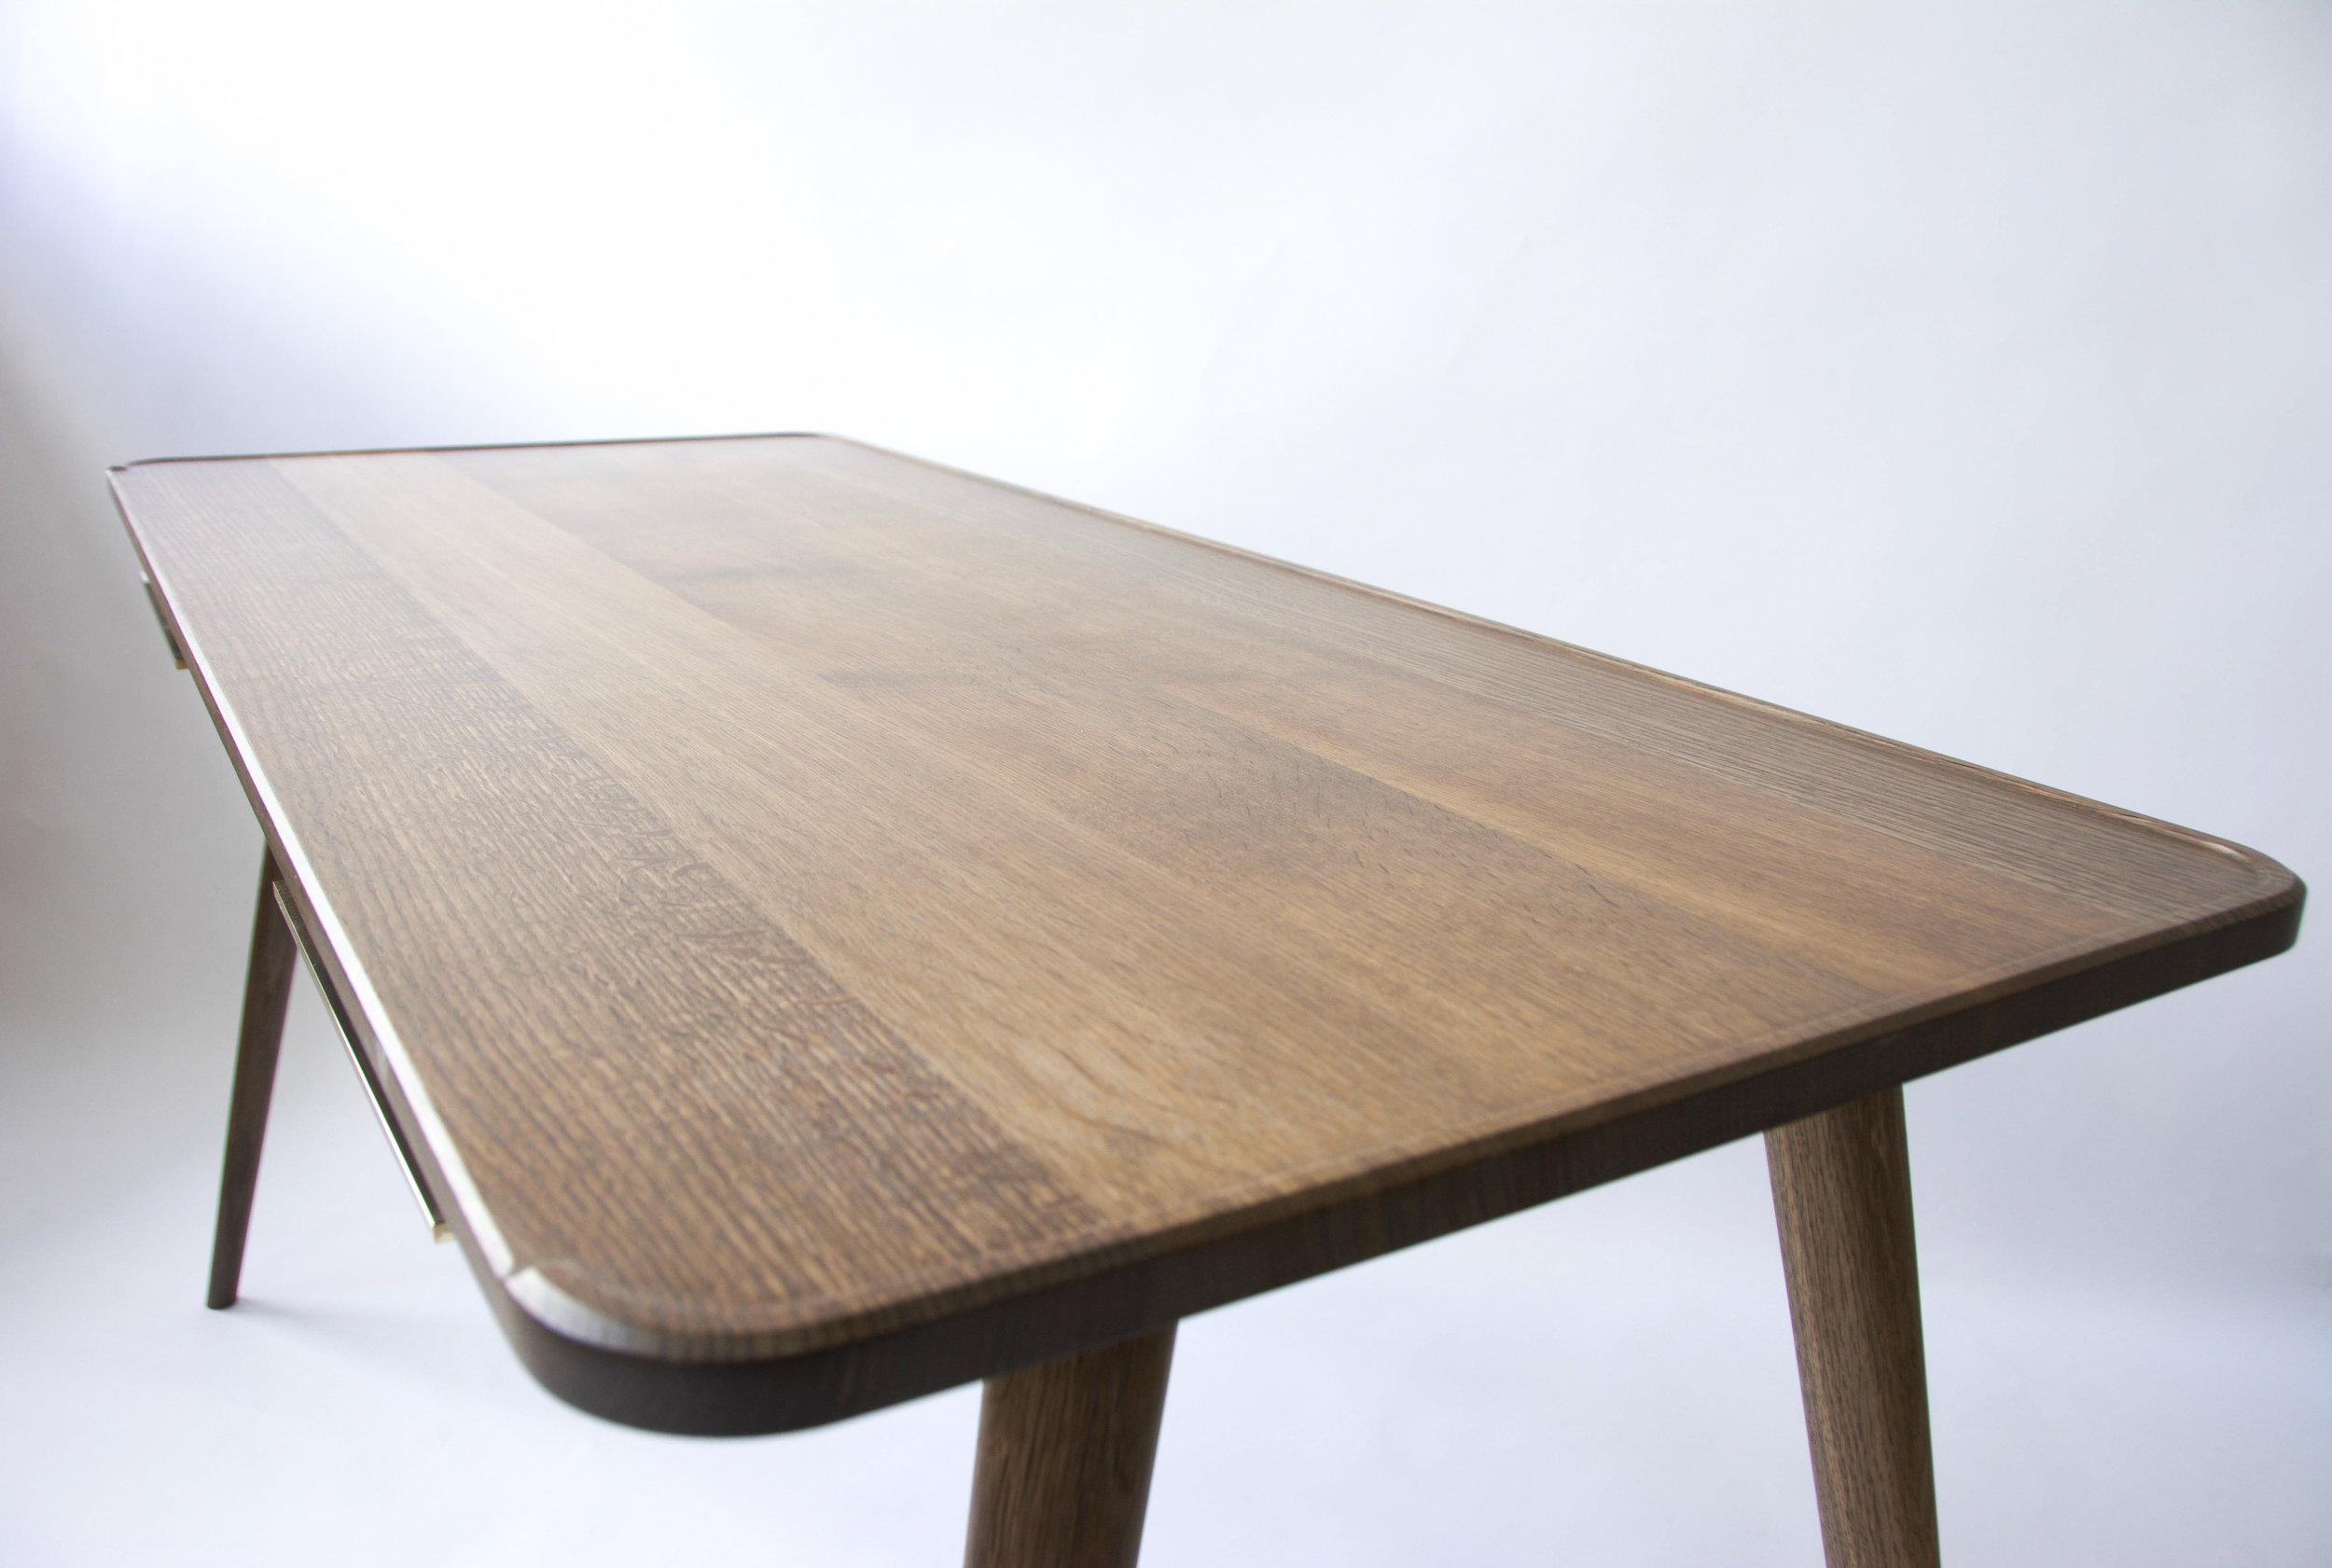 Lightroom Fumed Desk Finished-17.jpg